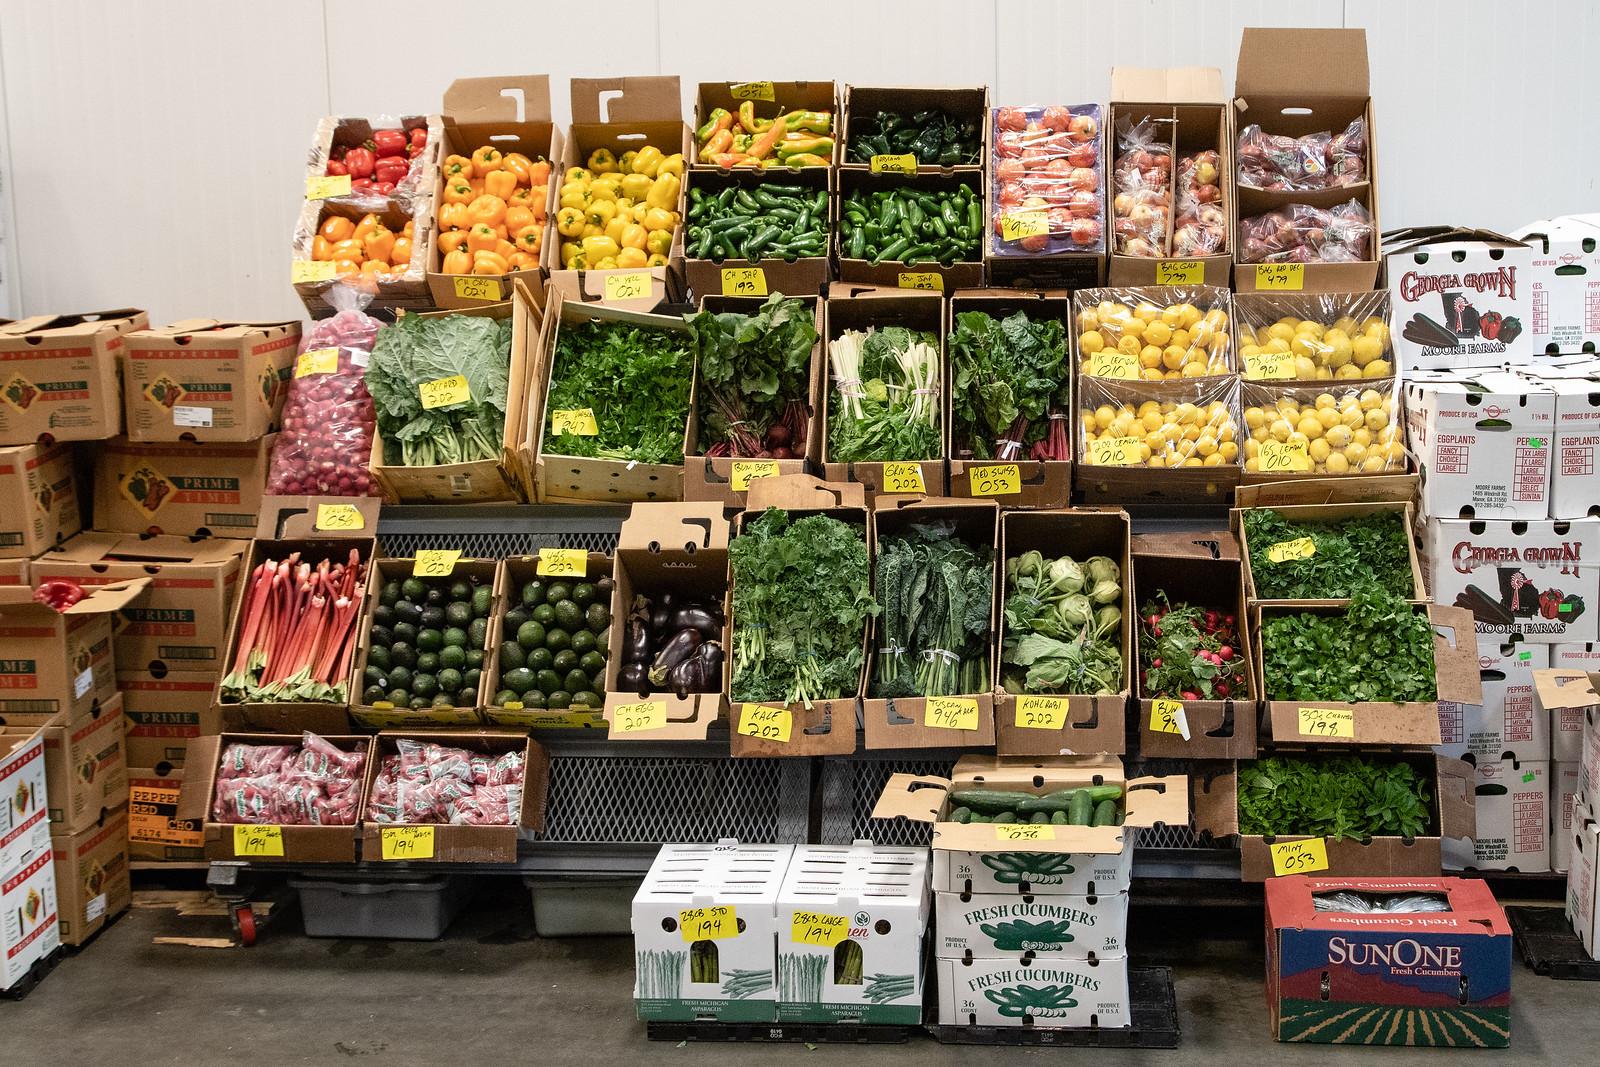 kale-avocado-rhubarb front display.jpg